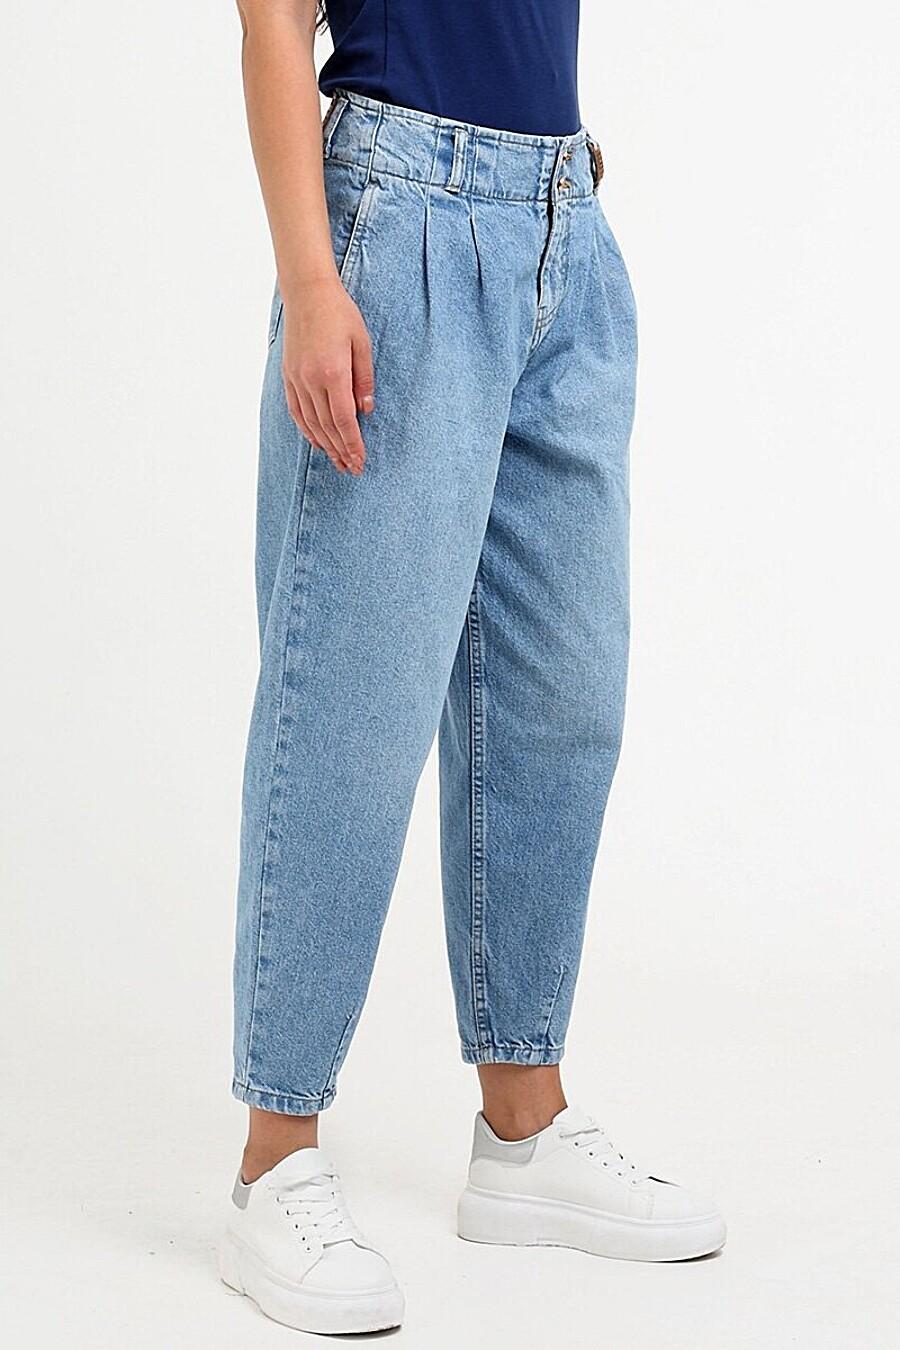 Джинсы для женщин F5 649531 купить оптом от производителя. Совместная покупка женской одежды в OptMoyo